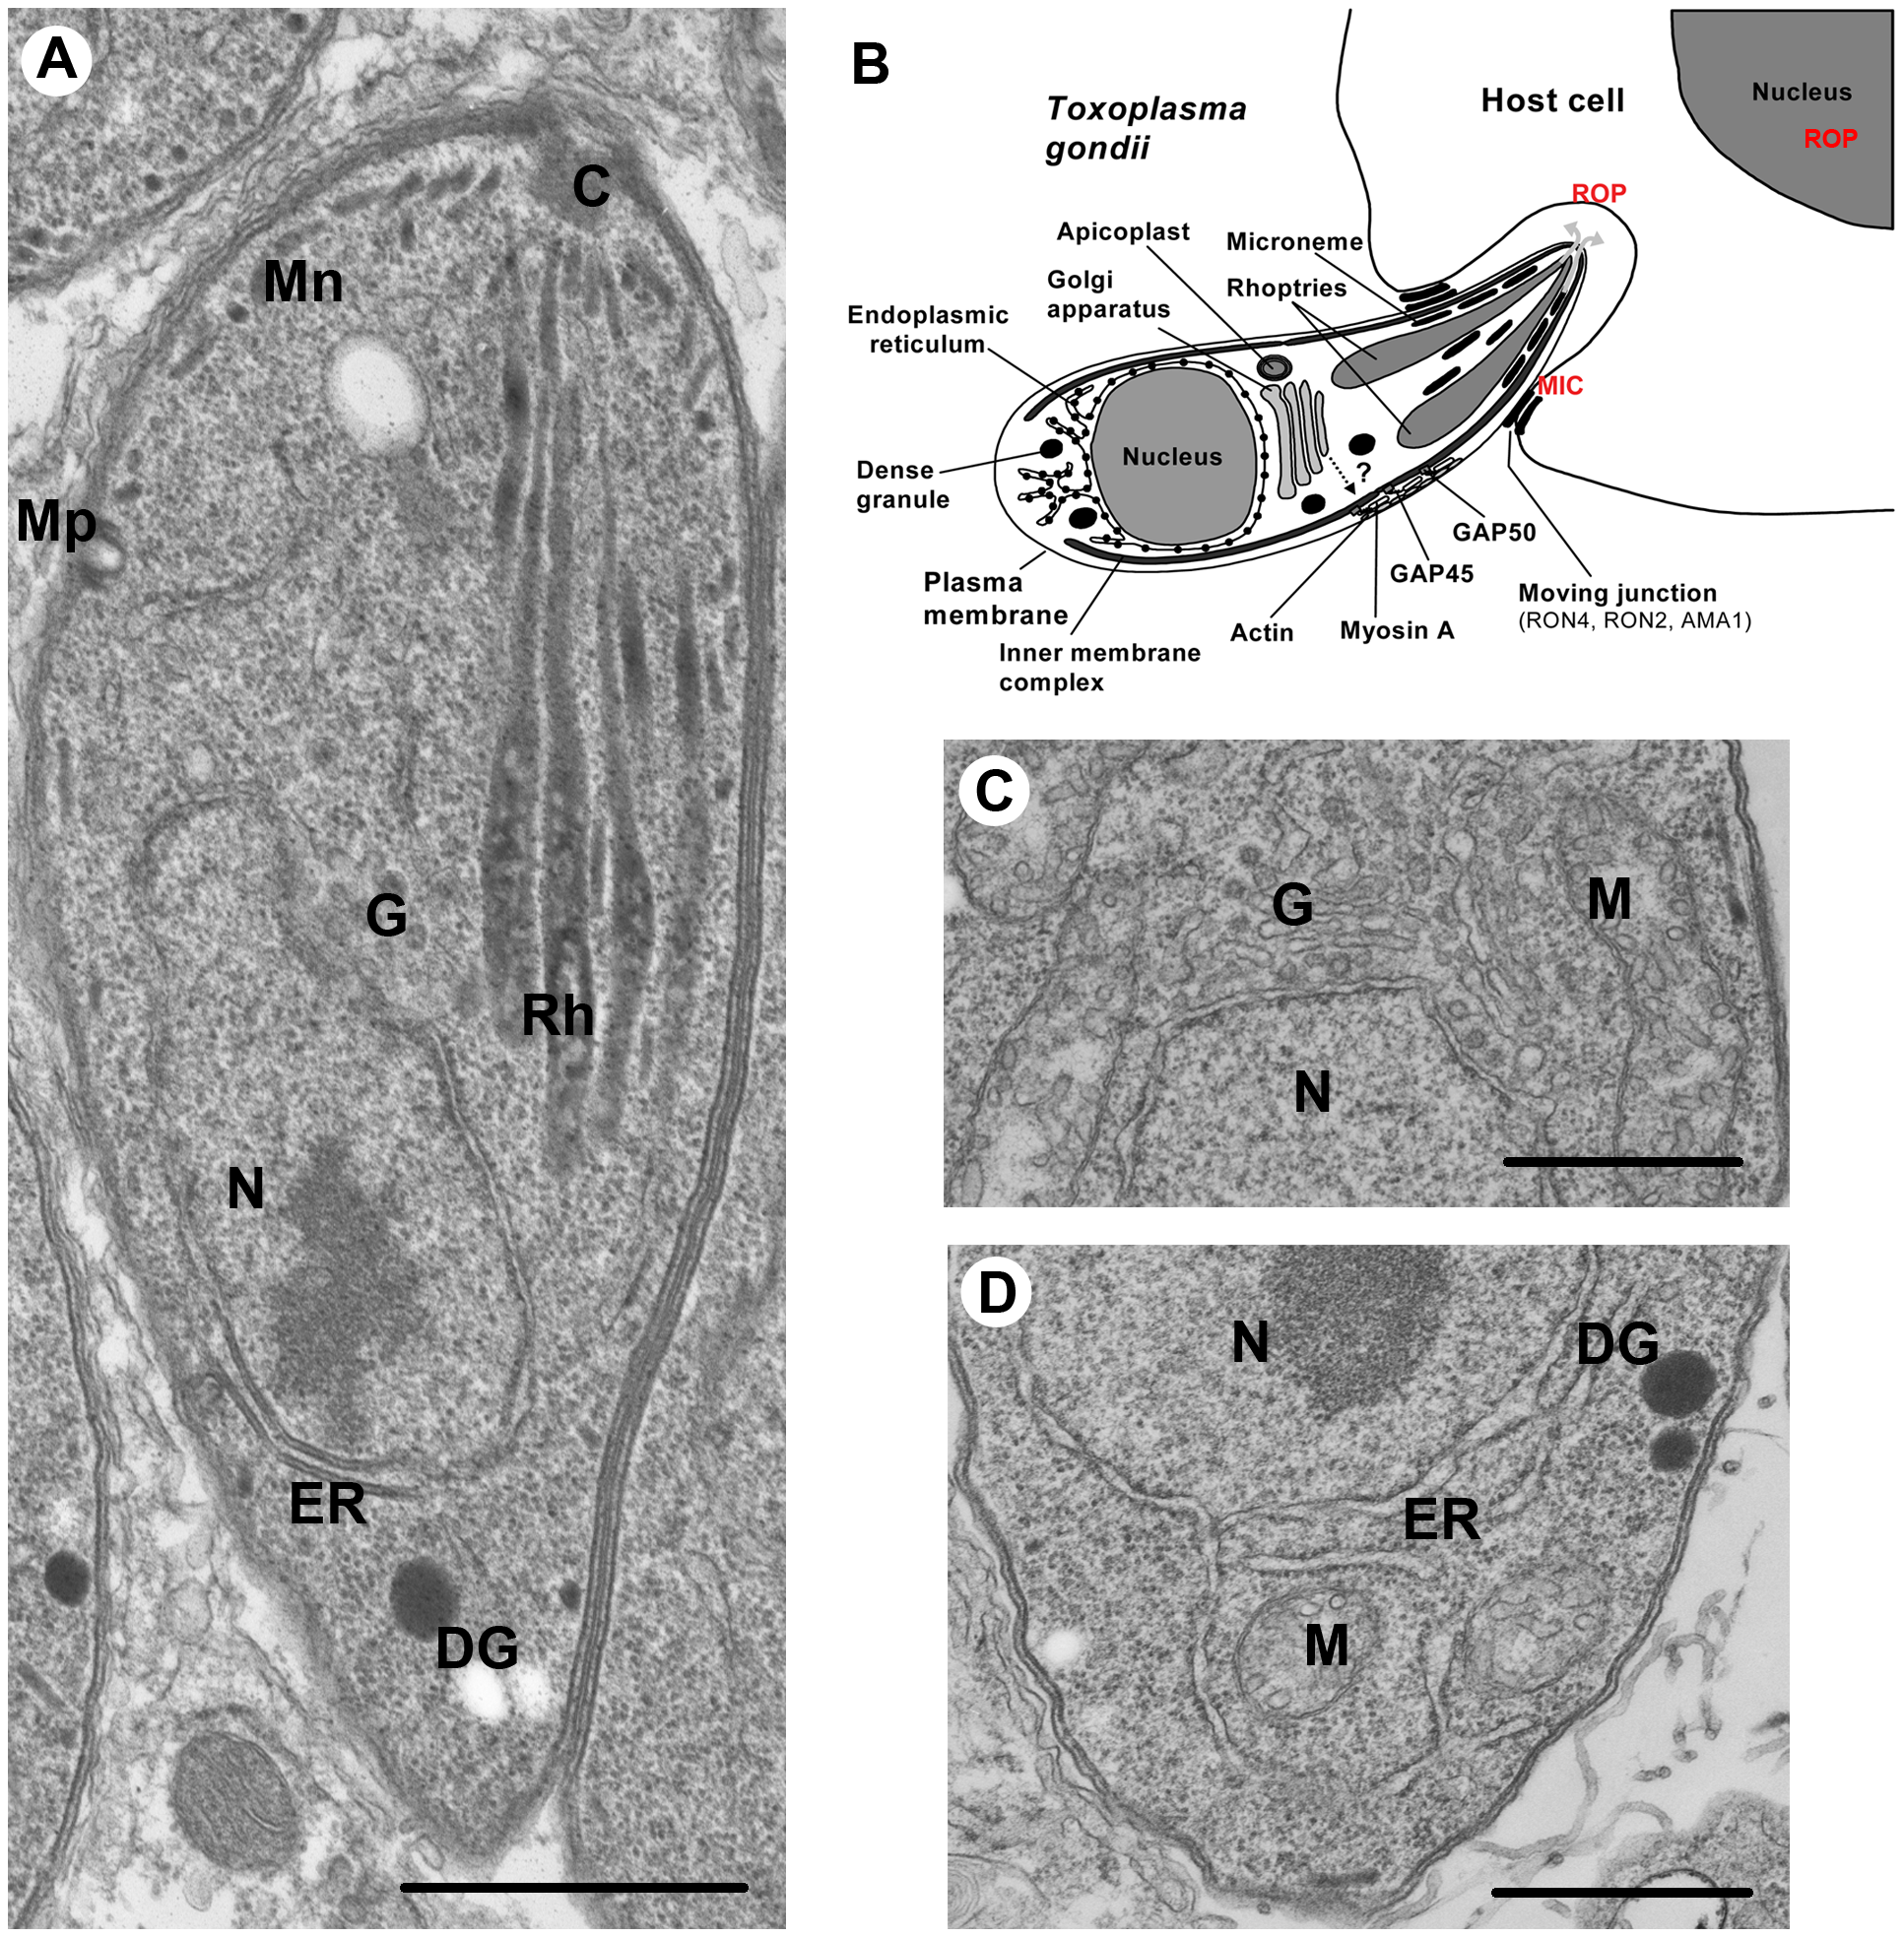 Ultrastructure of <i>Toxoplasma gondii</i>.